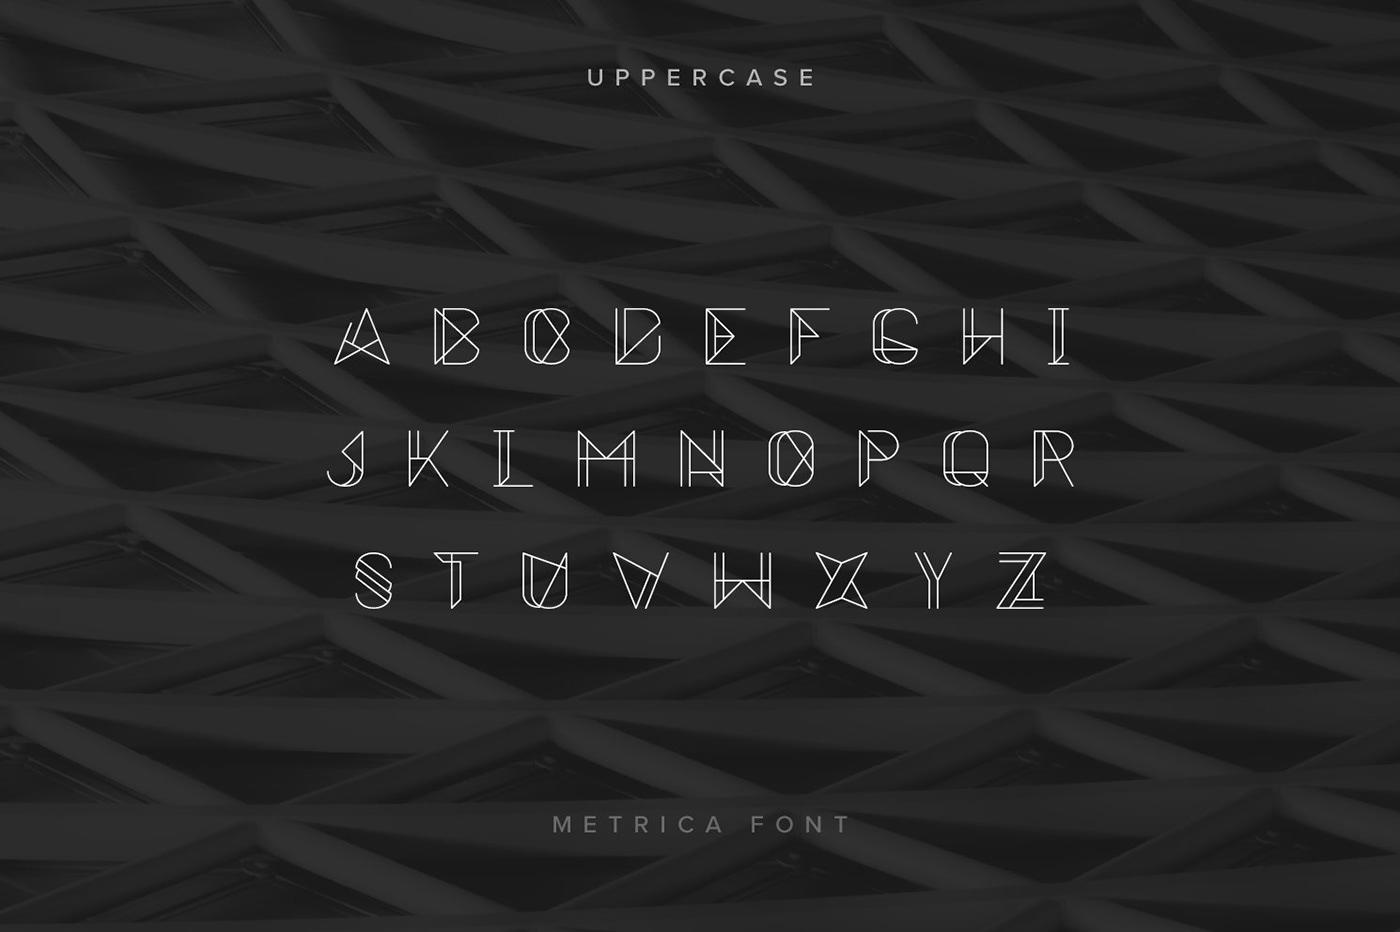 metrica font,metrica,Free font,free typeface,font,fonts,freebie,font download,free type,free fonts